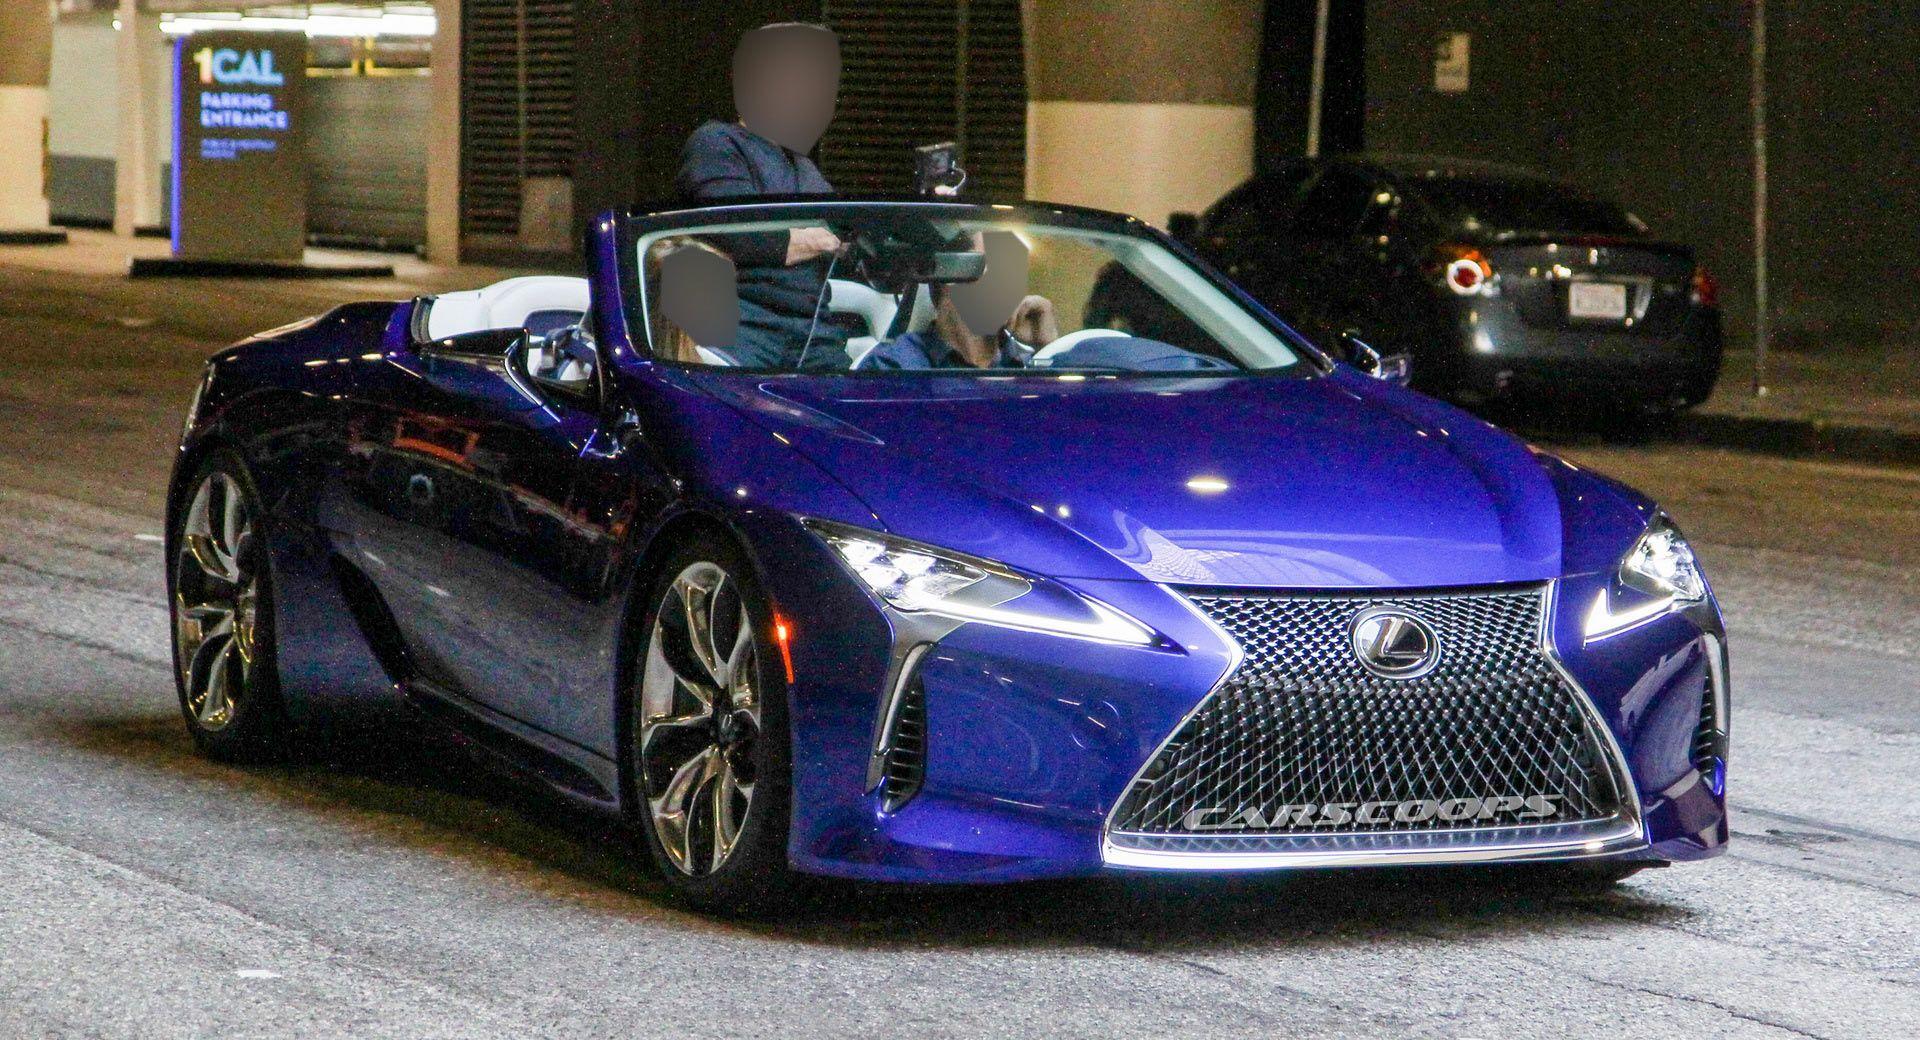 2020 Lexus Lc Cabrio Entdeckt Wahrend Fotoshooting Auf Der Strasse Unverkleidet Auf Autodasalleinefahrt Autodasfliegenkann Lexus Convertible Lexus Lc Lexus